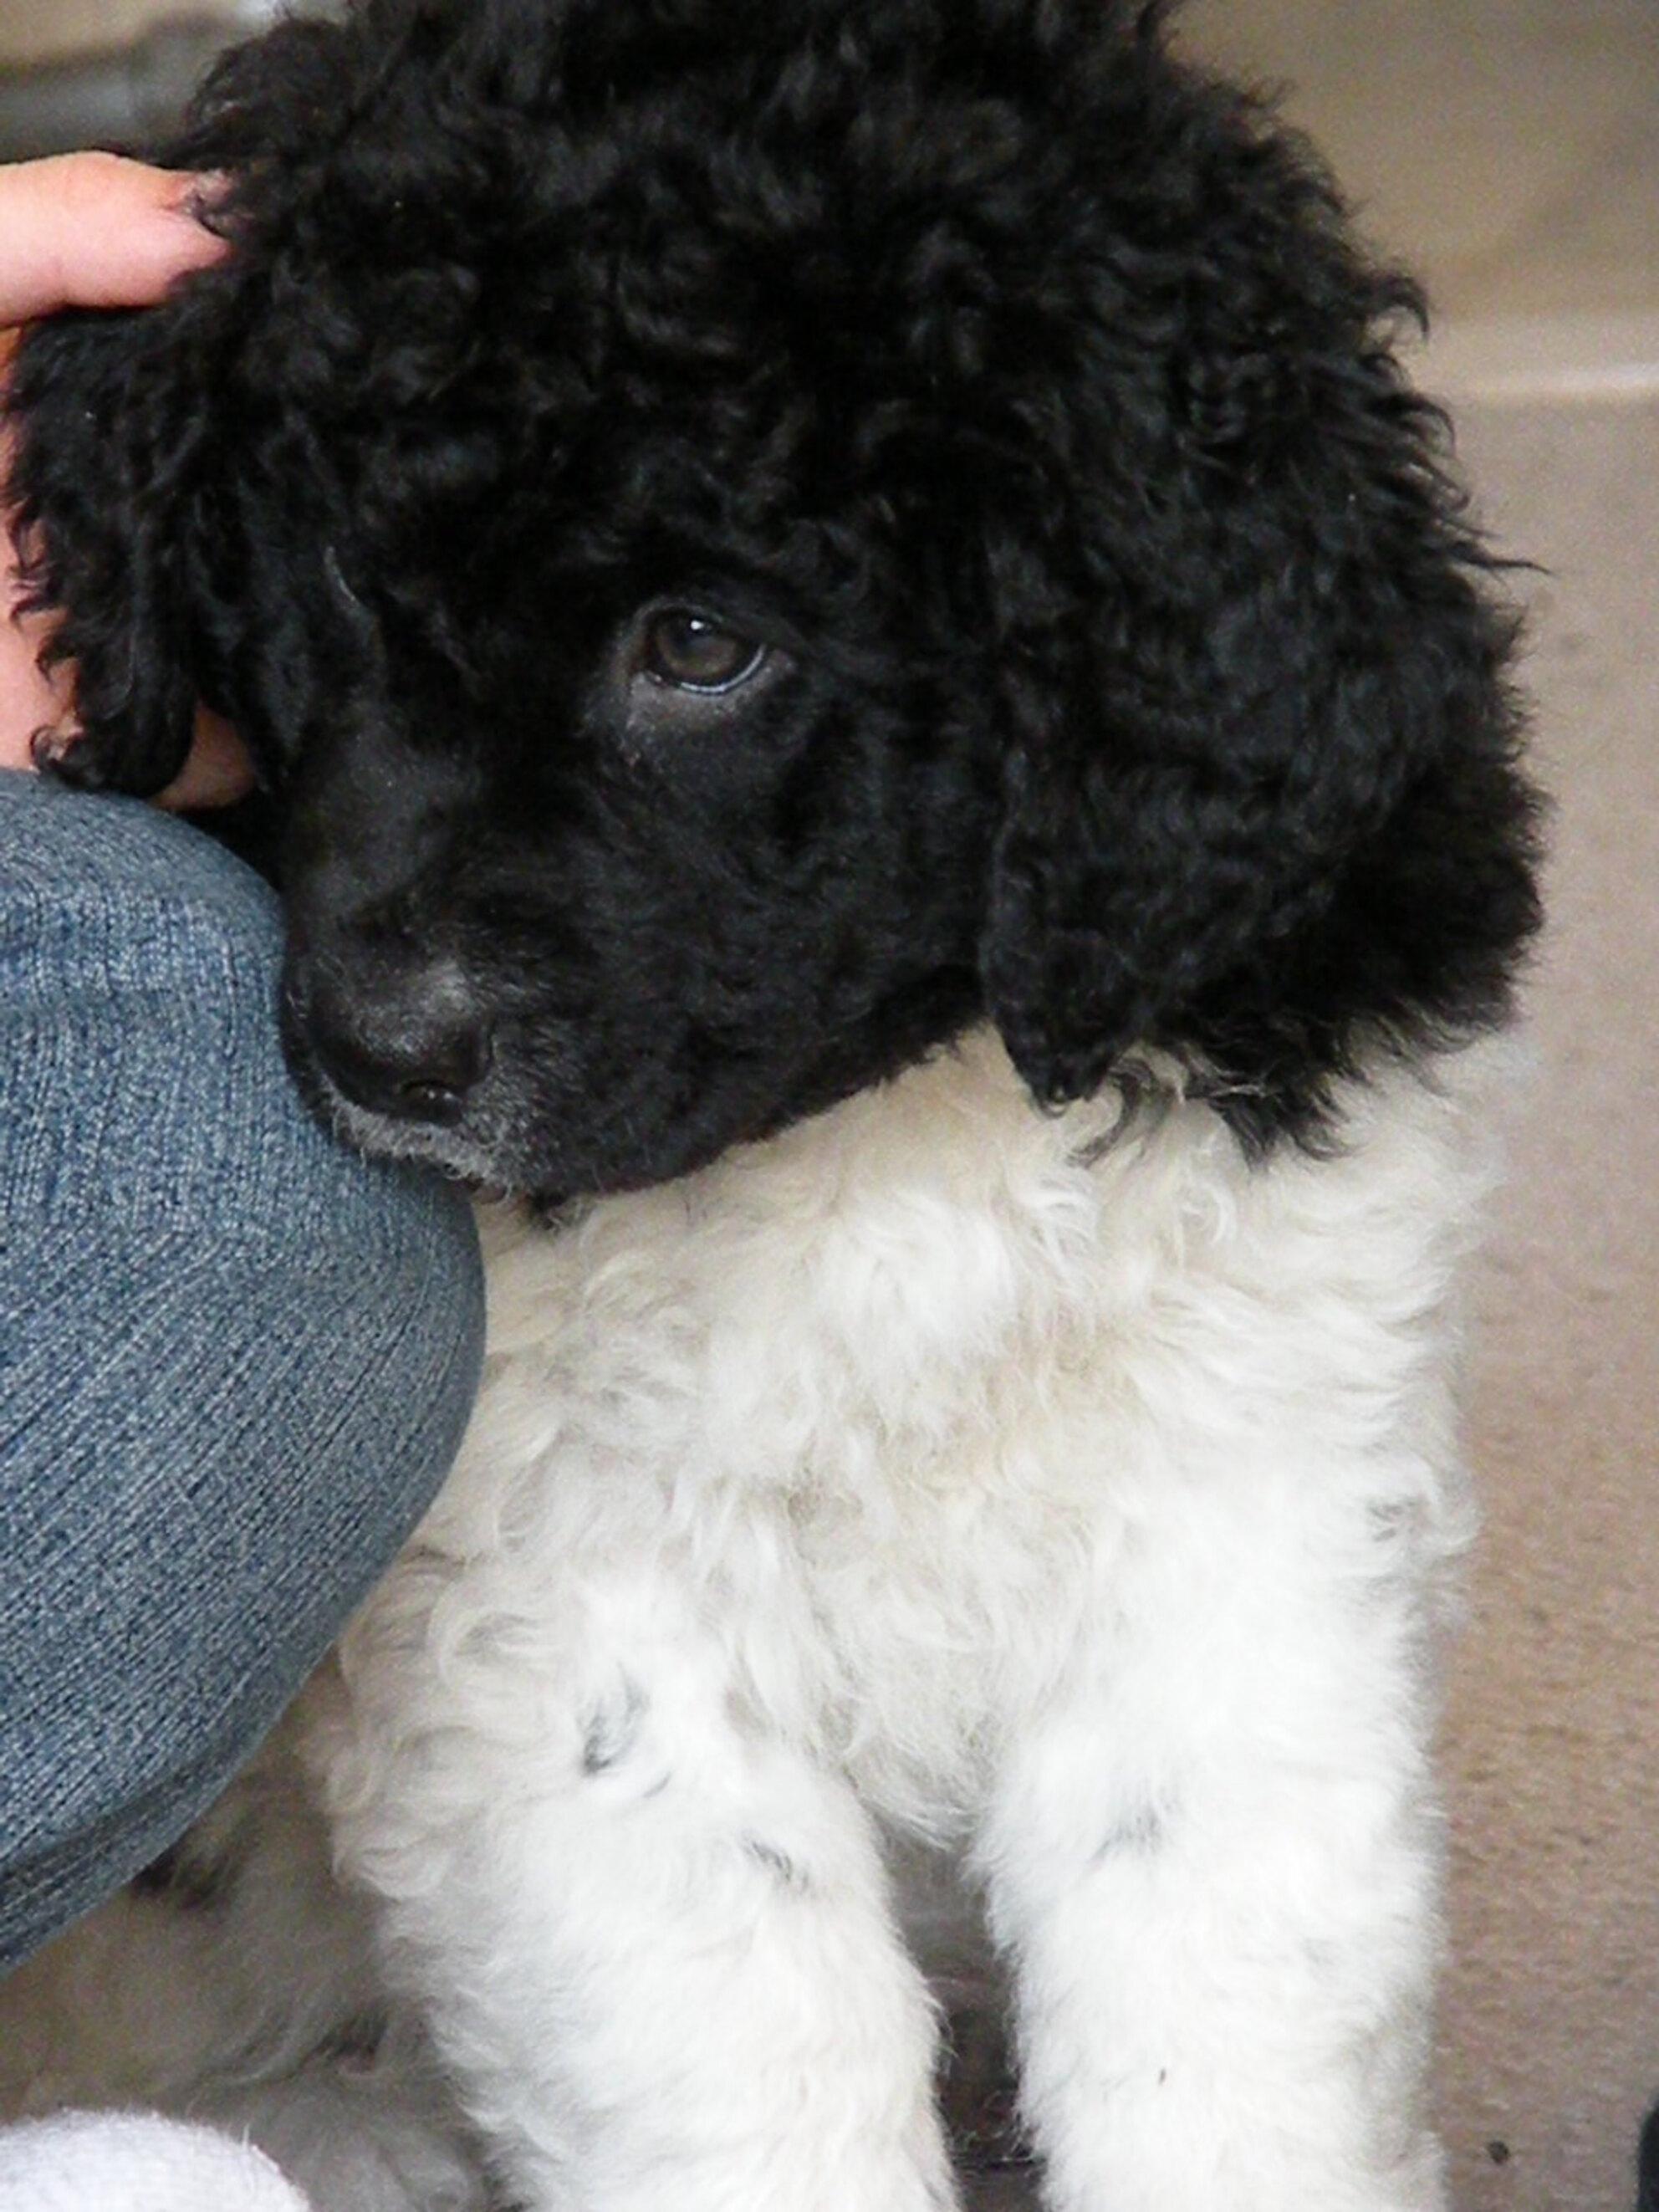 Wobbe - Wobbe zoekt bescherming bij zijn vrouwtje. Maar dat is tijdelijk want het is een doerak die onze hond Shannon steeds weer uitdaagd. - foto door emerentiana op 29-03-2009 - deze foto bevat: hond, dier, pup